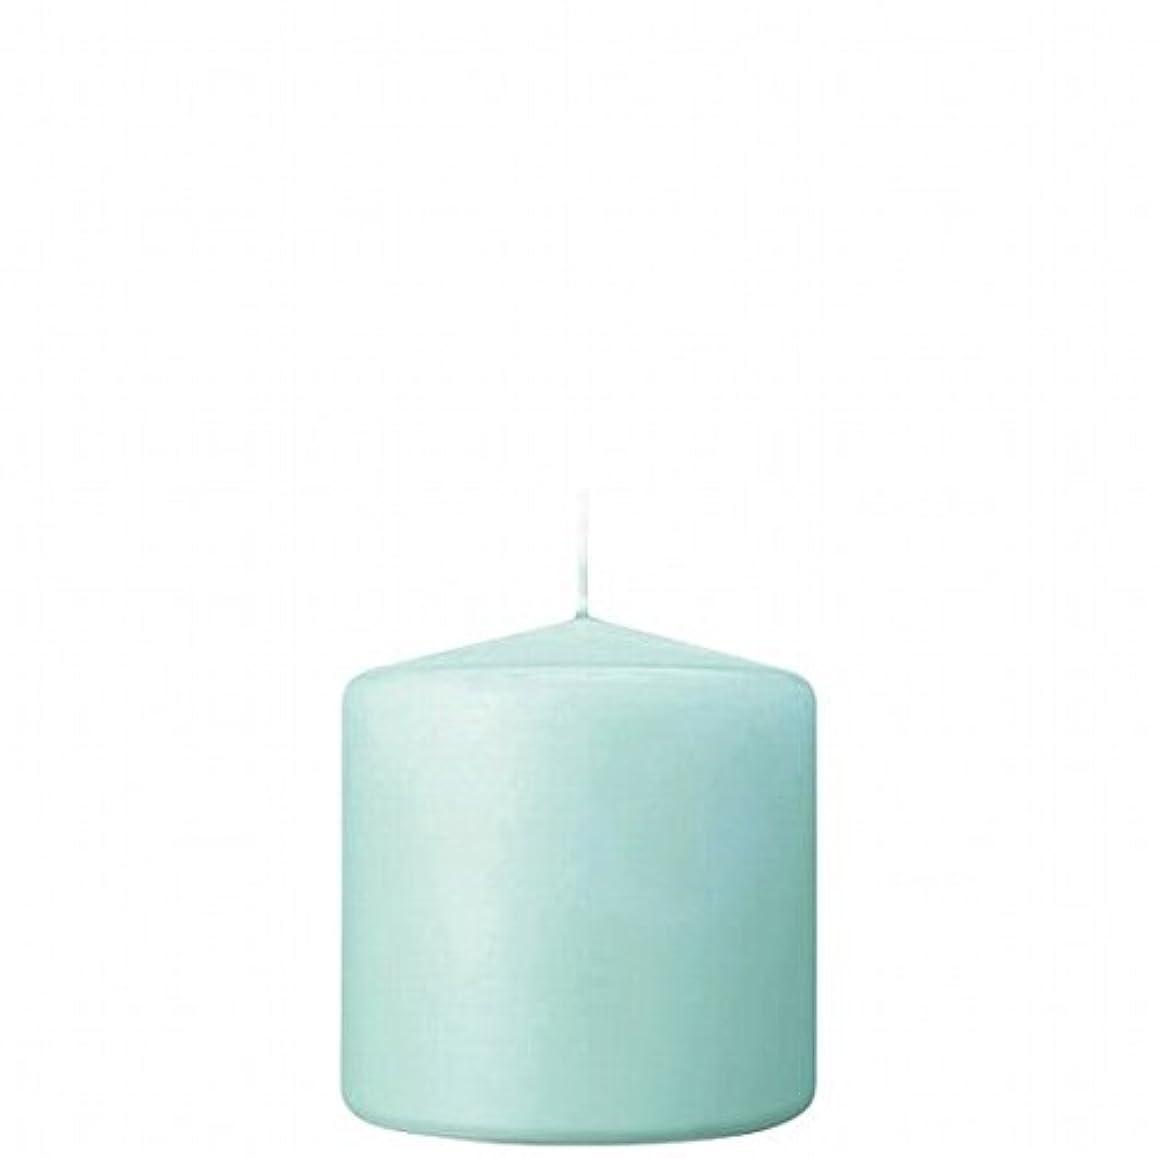 理想的には工業用勤勉kameyama candle(カメヤマキャンドル) 3×3ベルトップピラーキャンドル 「 ライトブルー 」(A9730000LB)